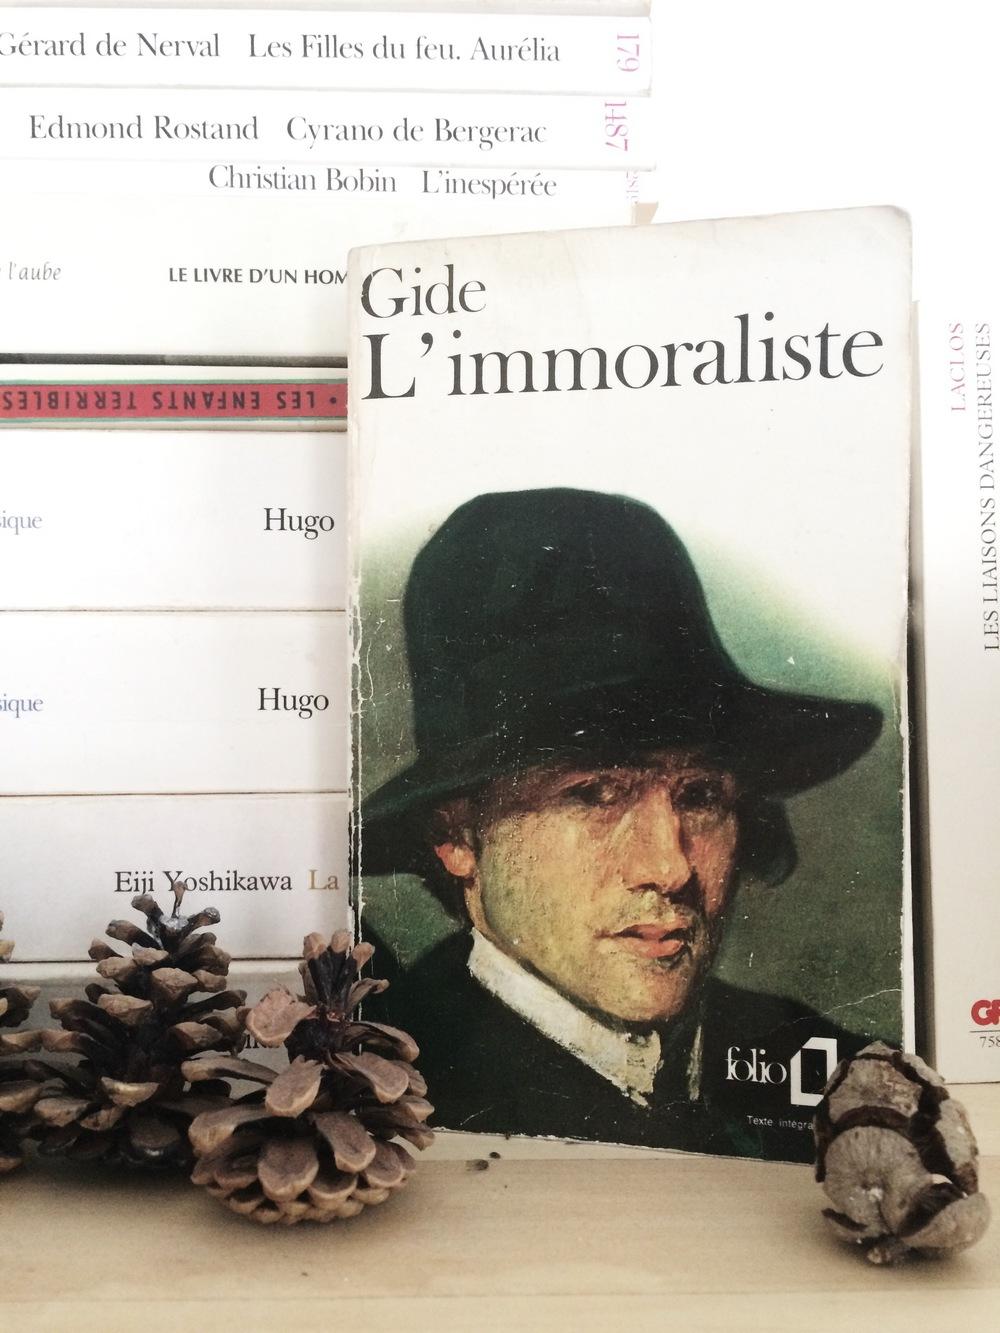 L'Immoraliste, André Gide